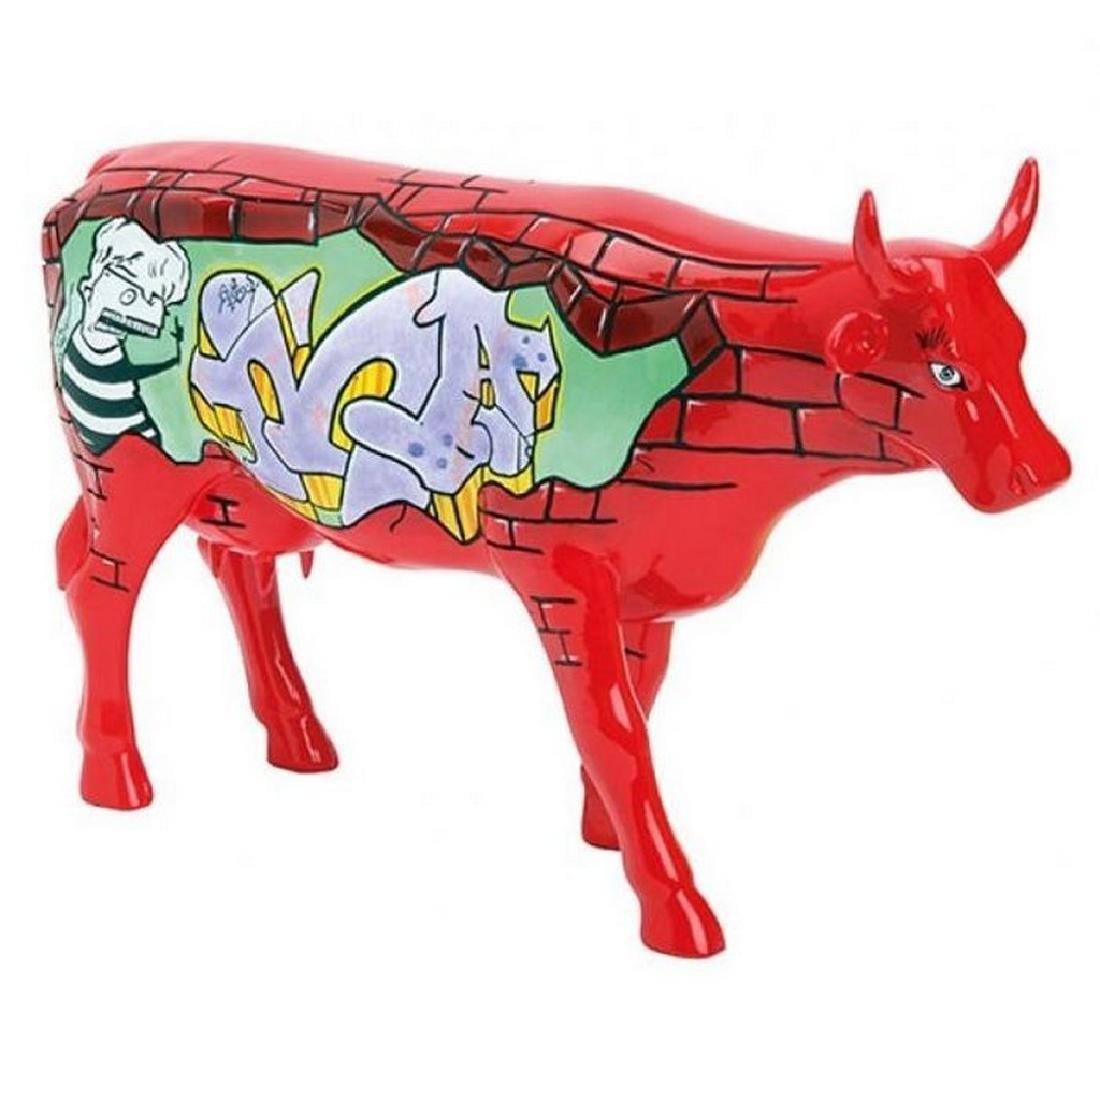 CowParade: Balanquita Cow statue